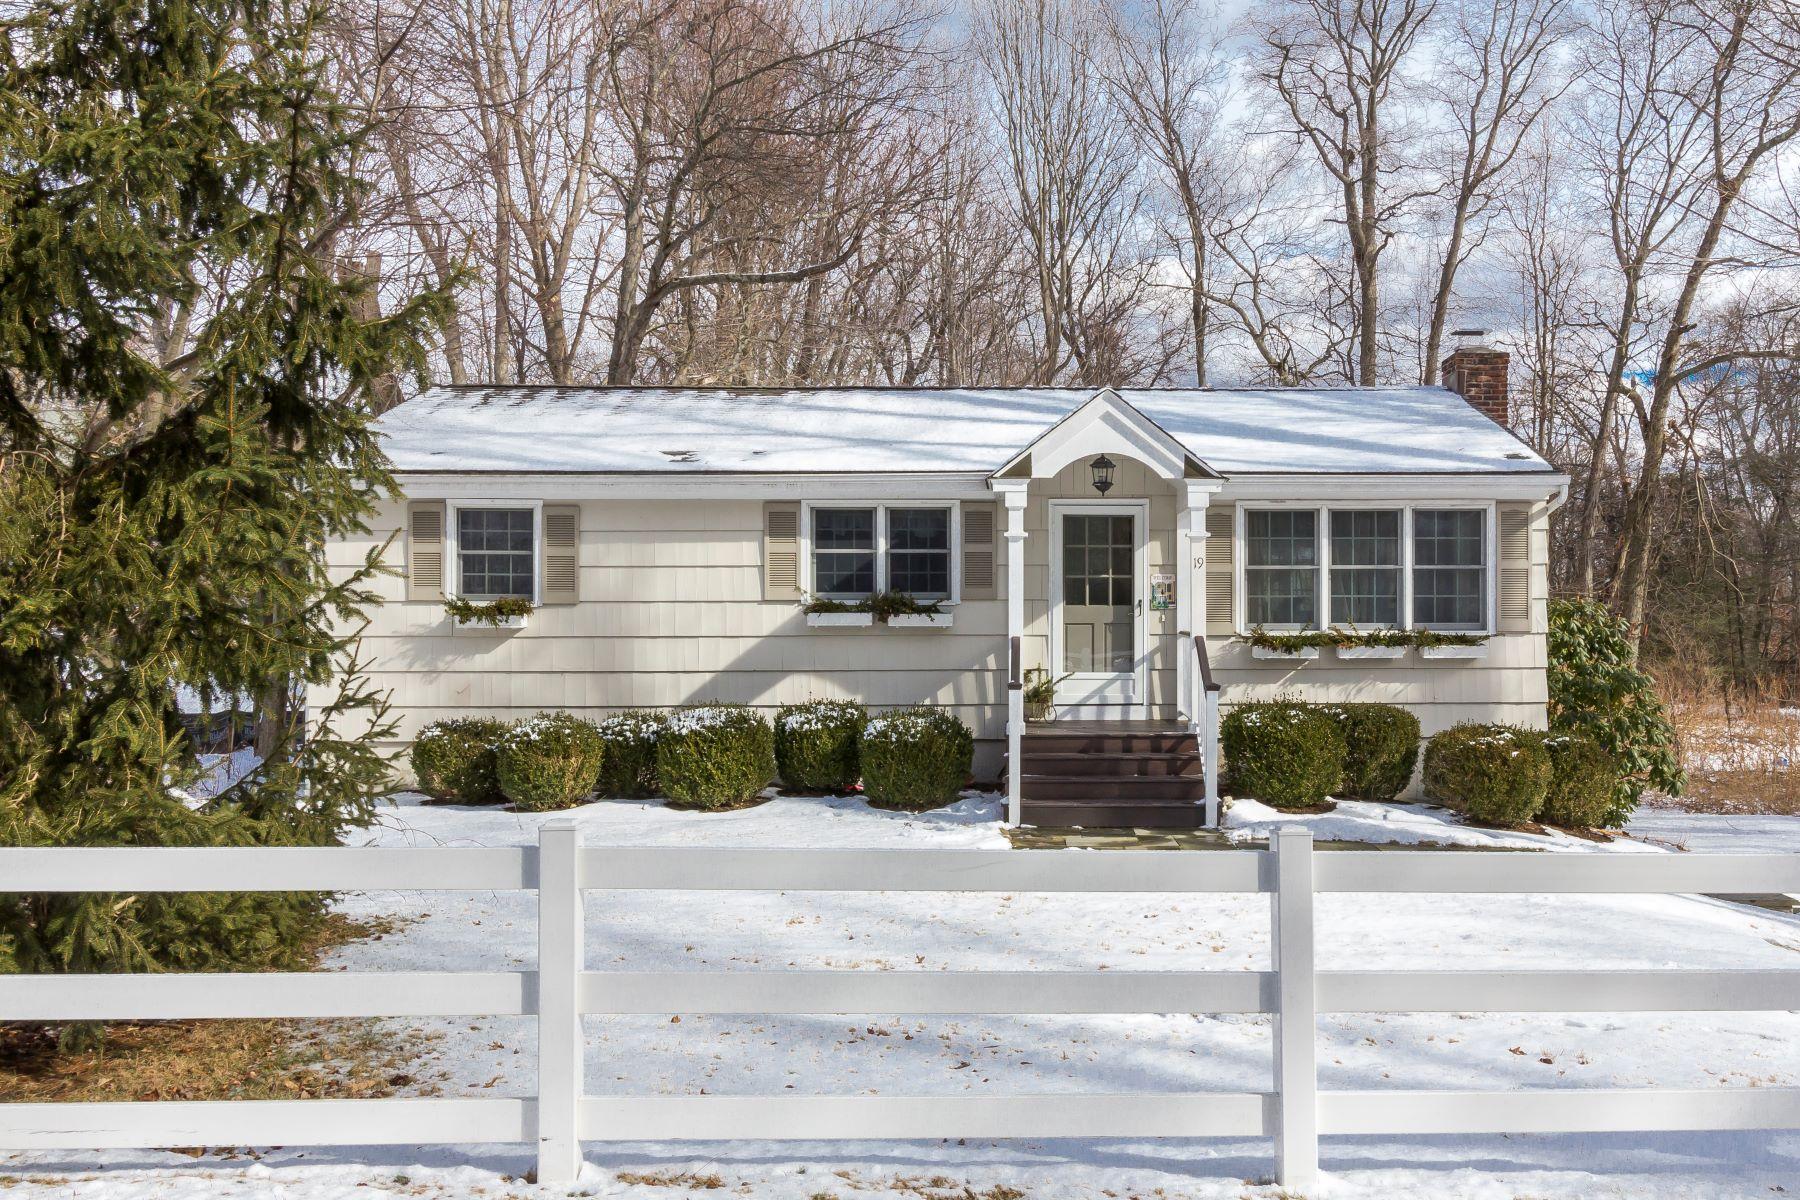 Maison unifamiliale pour l Vente à Sunny, Energy Efficient Ranch 19 Silver Spring Park Road Ridgefield, Connecticut, 06877 États-Unis